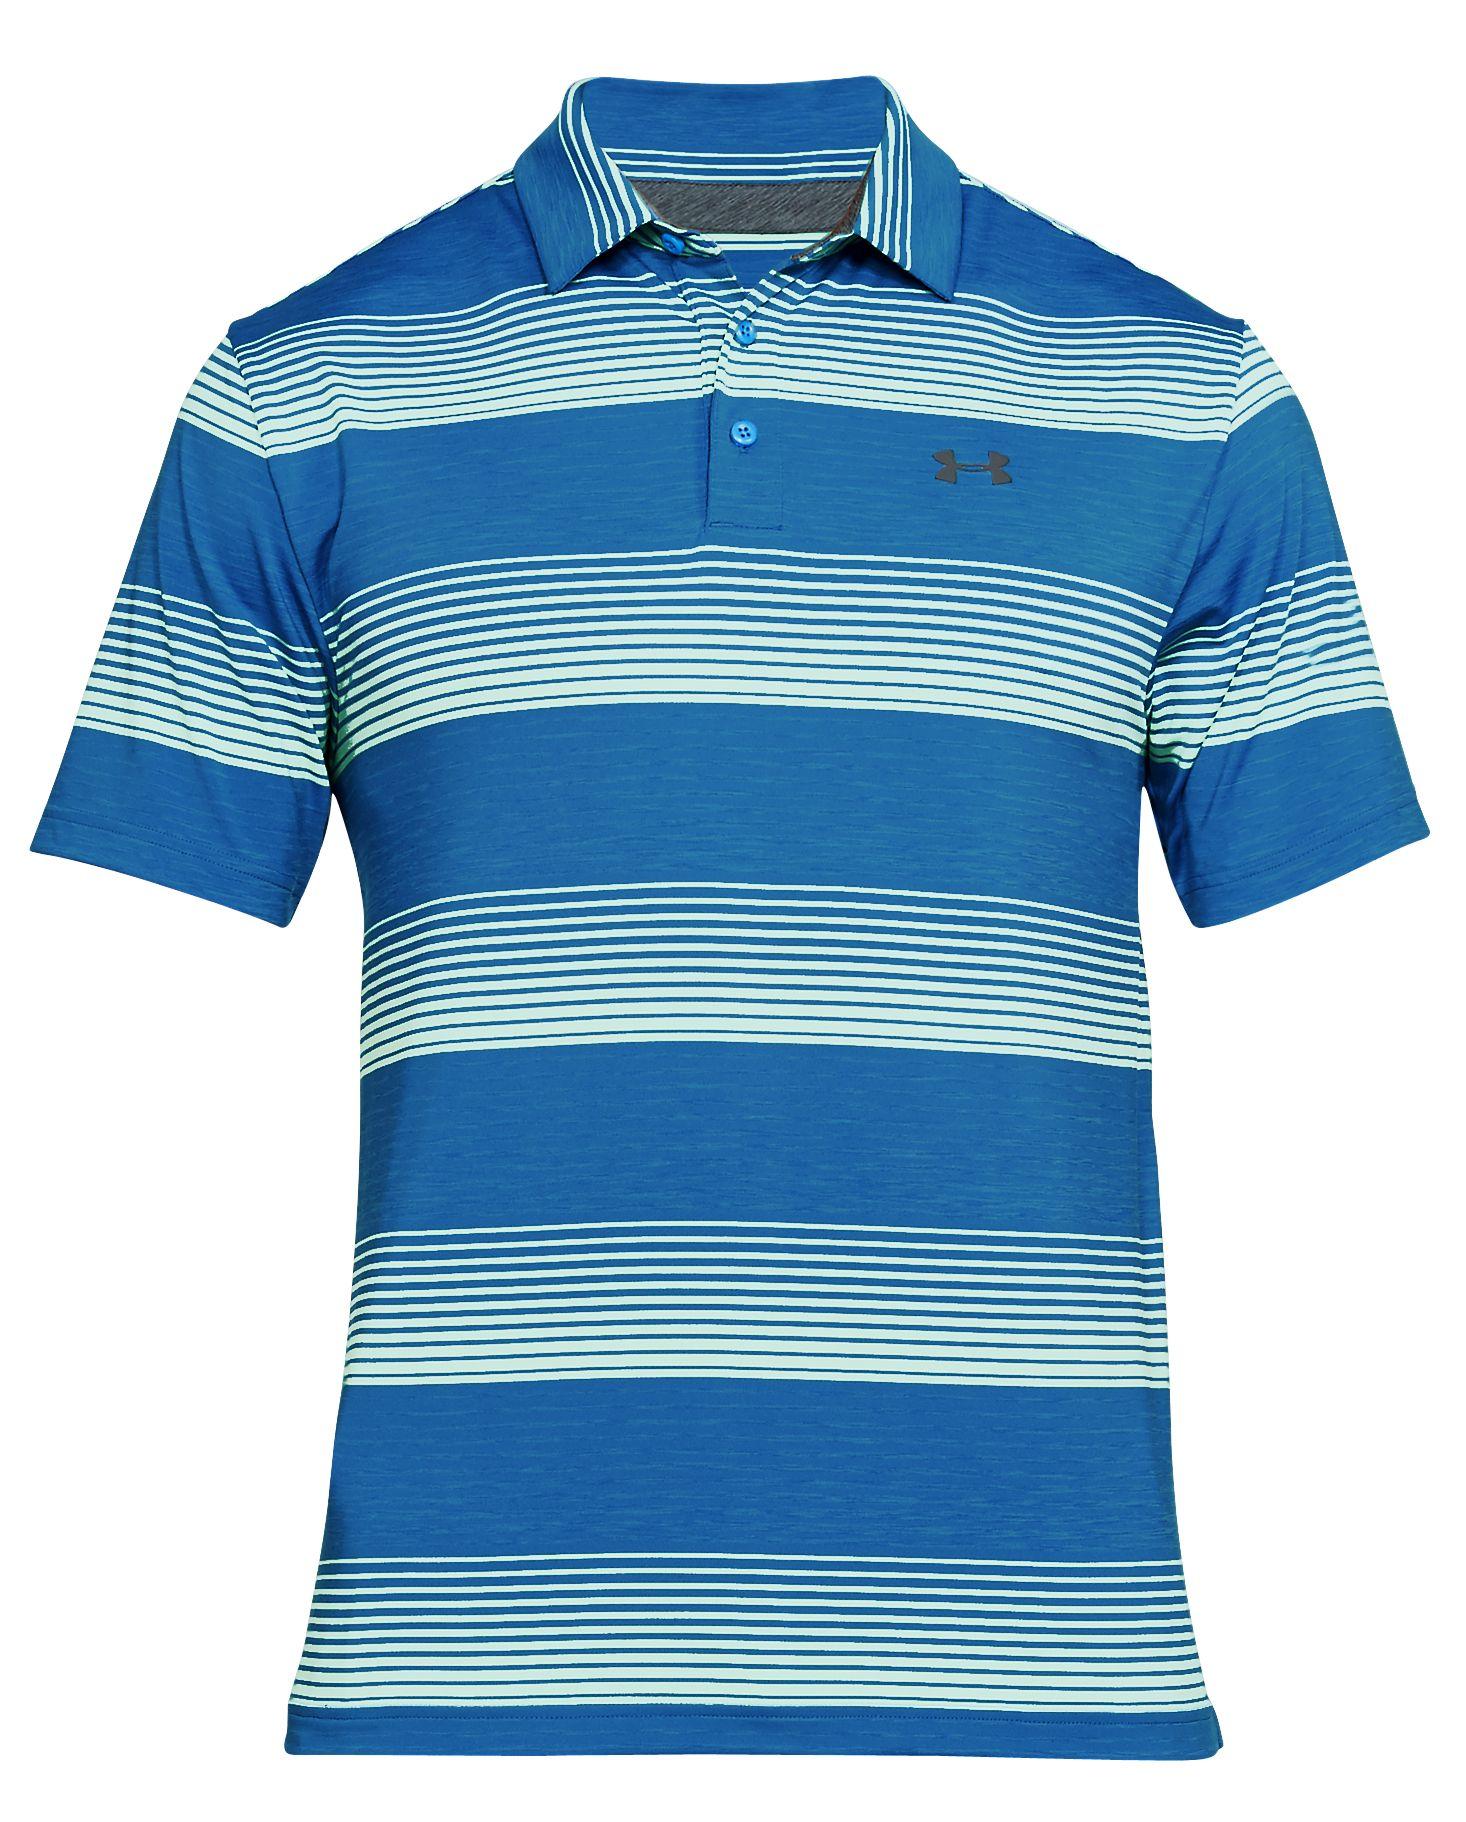 Výprodej golfového oblečení